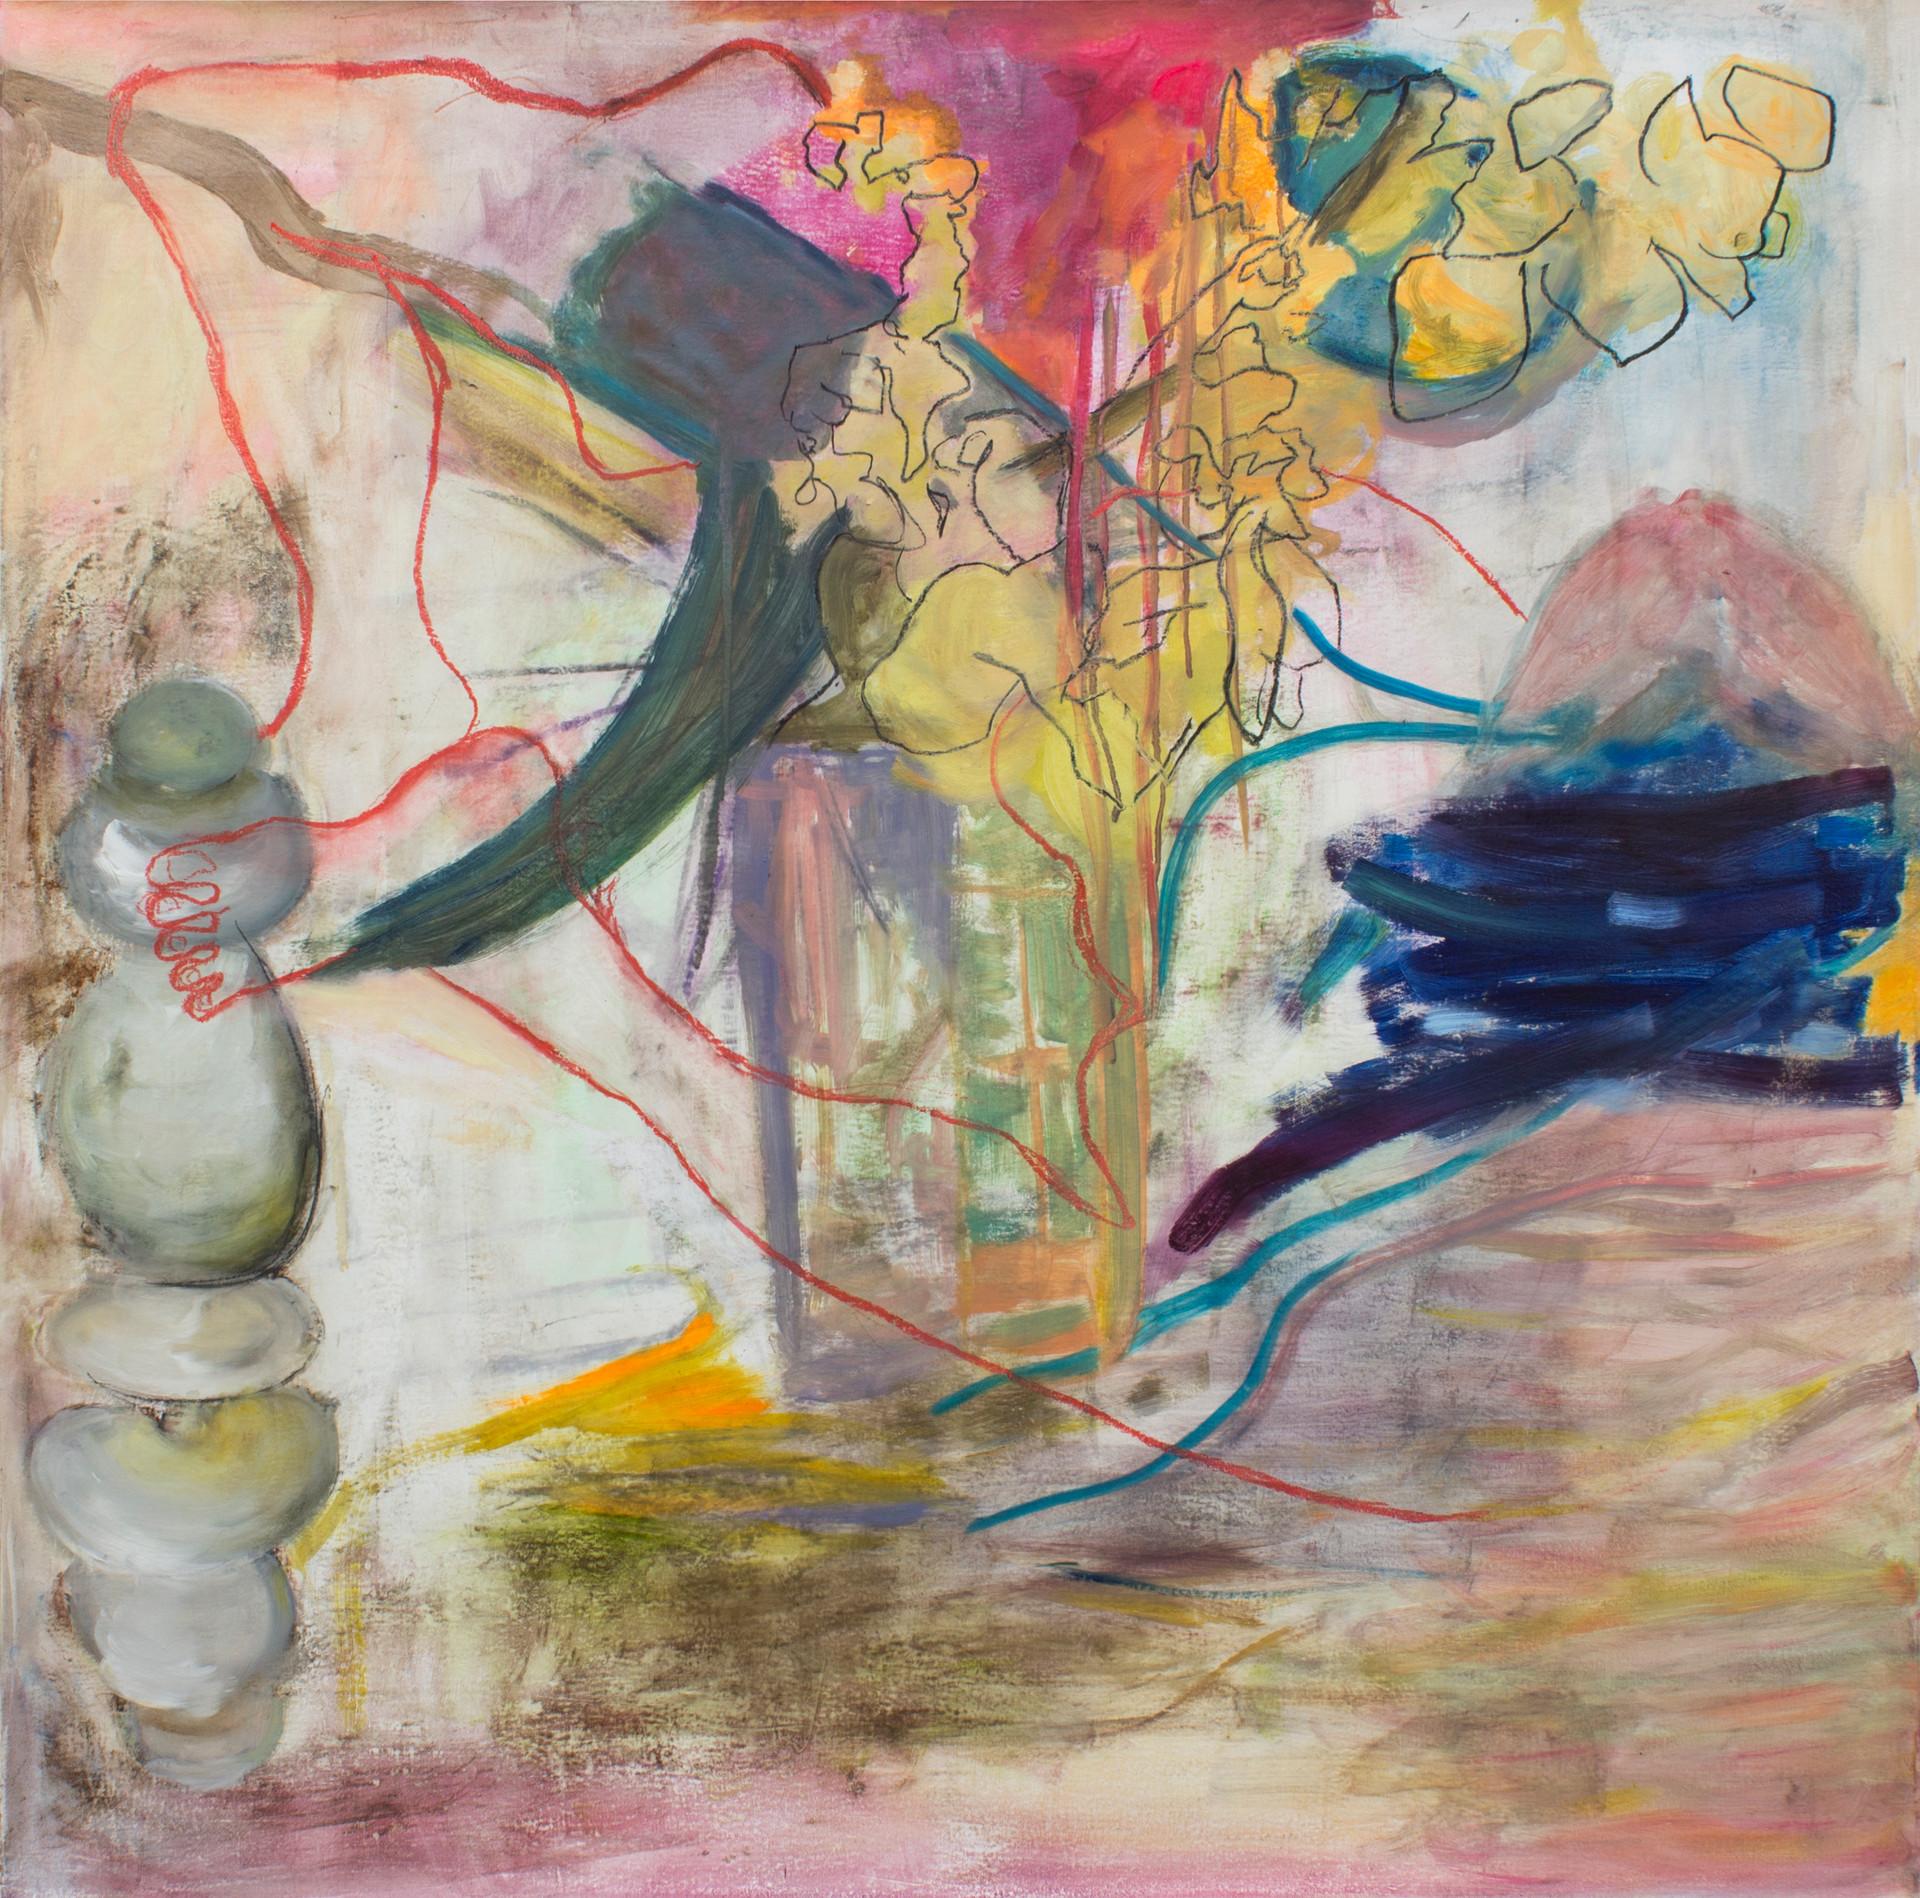 Nest, 2015 | Oil on canvas | 100 x 100 cm